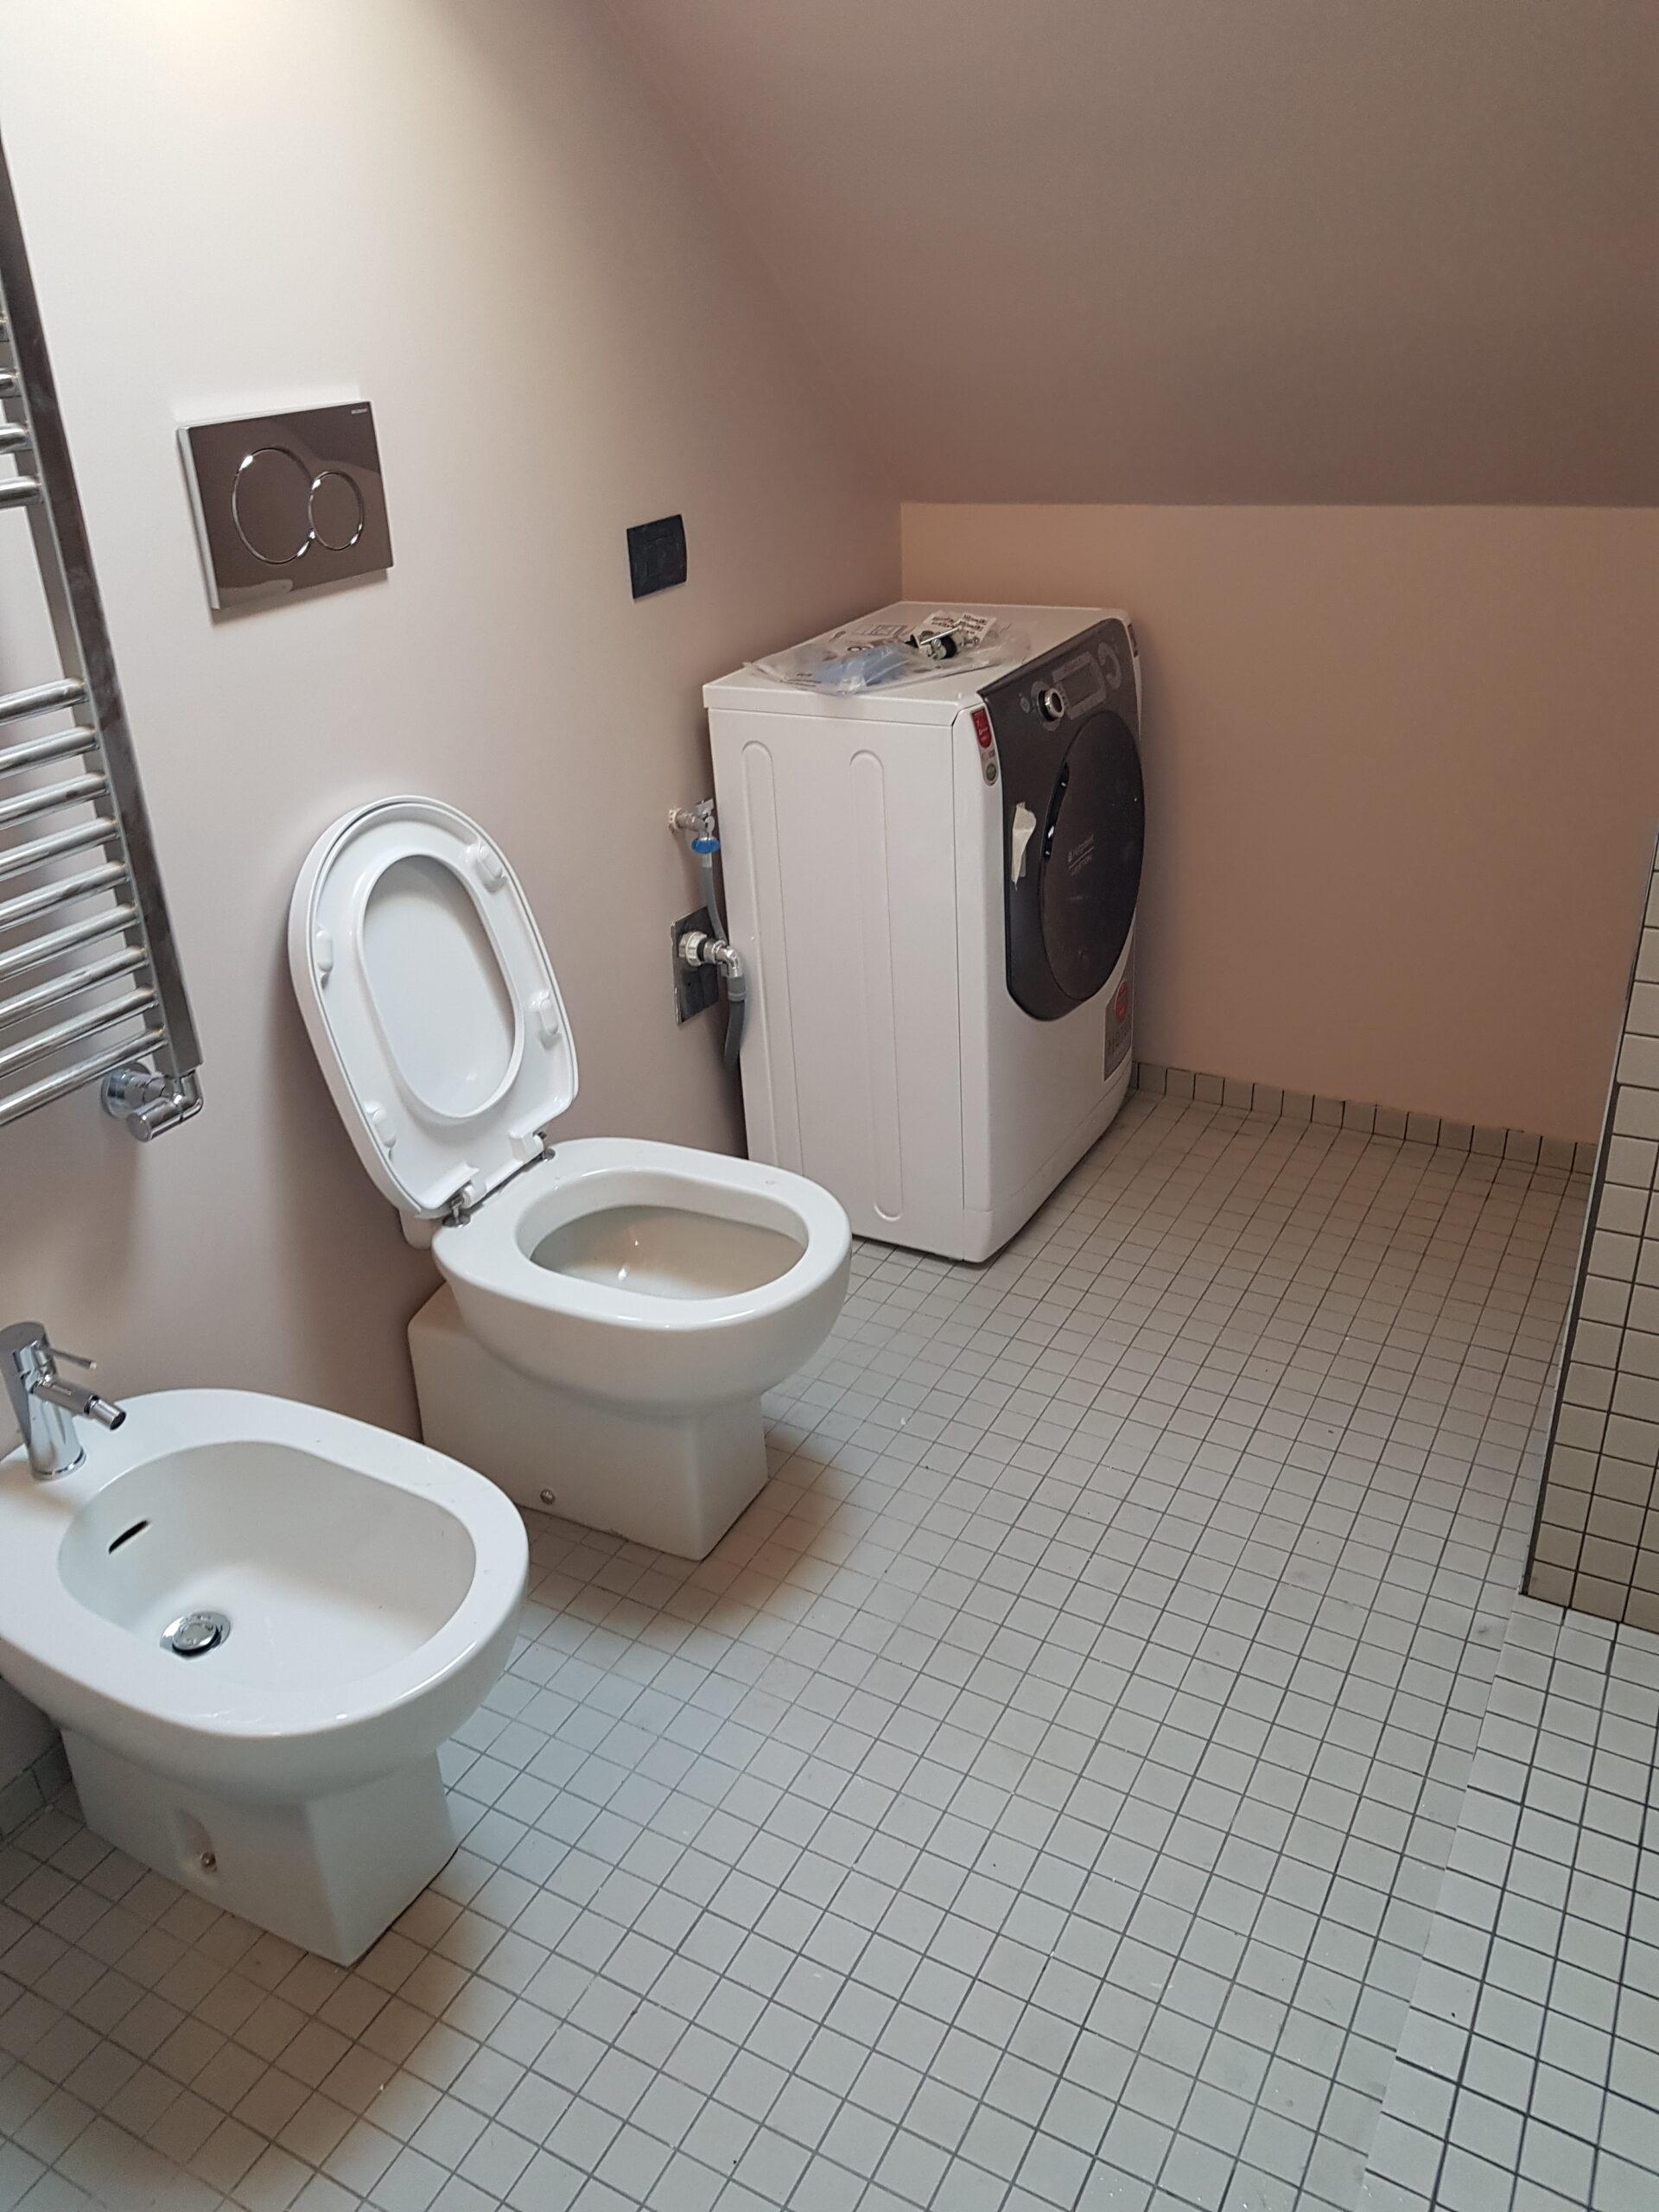 3. Vista locale bagno con sanitari bianchi ceramici, soffitto inclinato a falda e pavimento in piastrelle ceramiche a quadri: lavori in corso.